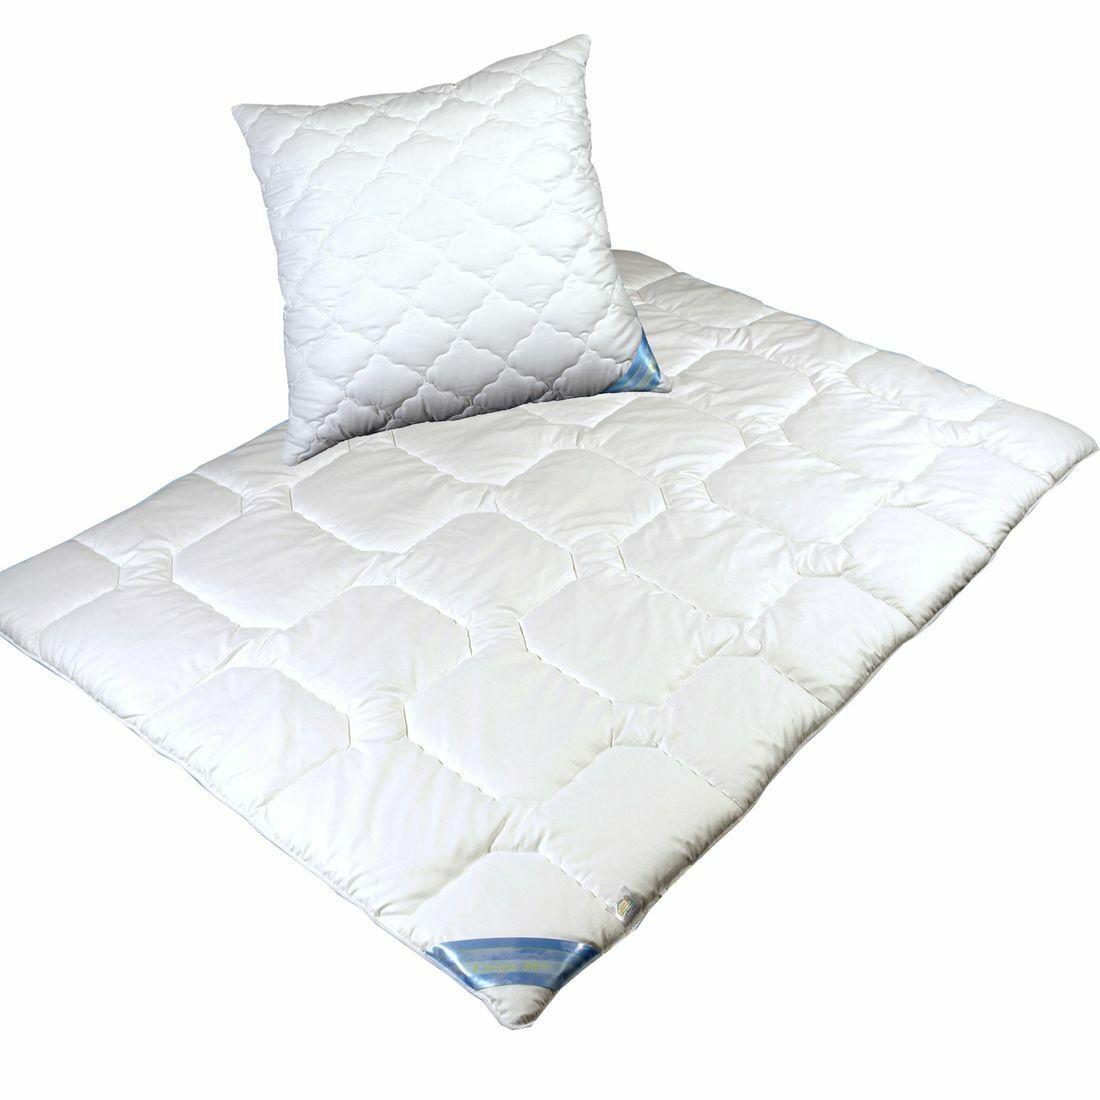 Garanta-SET Leichtes Steppbett Bettdecke in 3 Größen und Kopfkissen 80x80 Clean